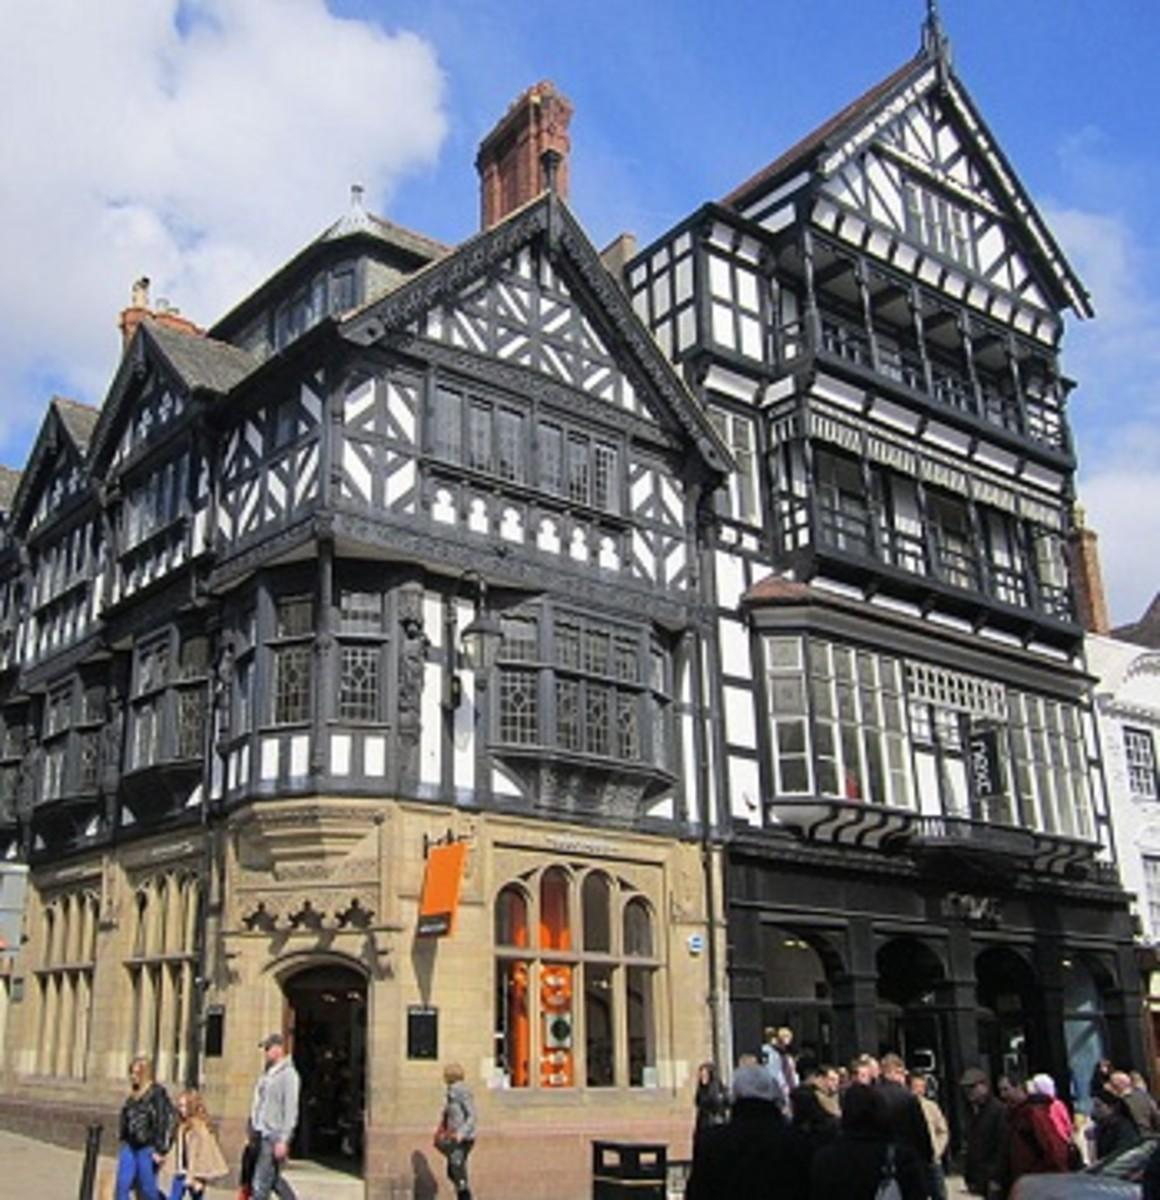 Buildings on Eastgate Street, Chester, UK